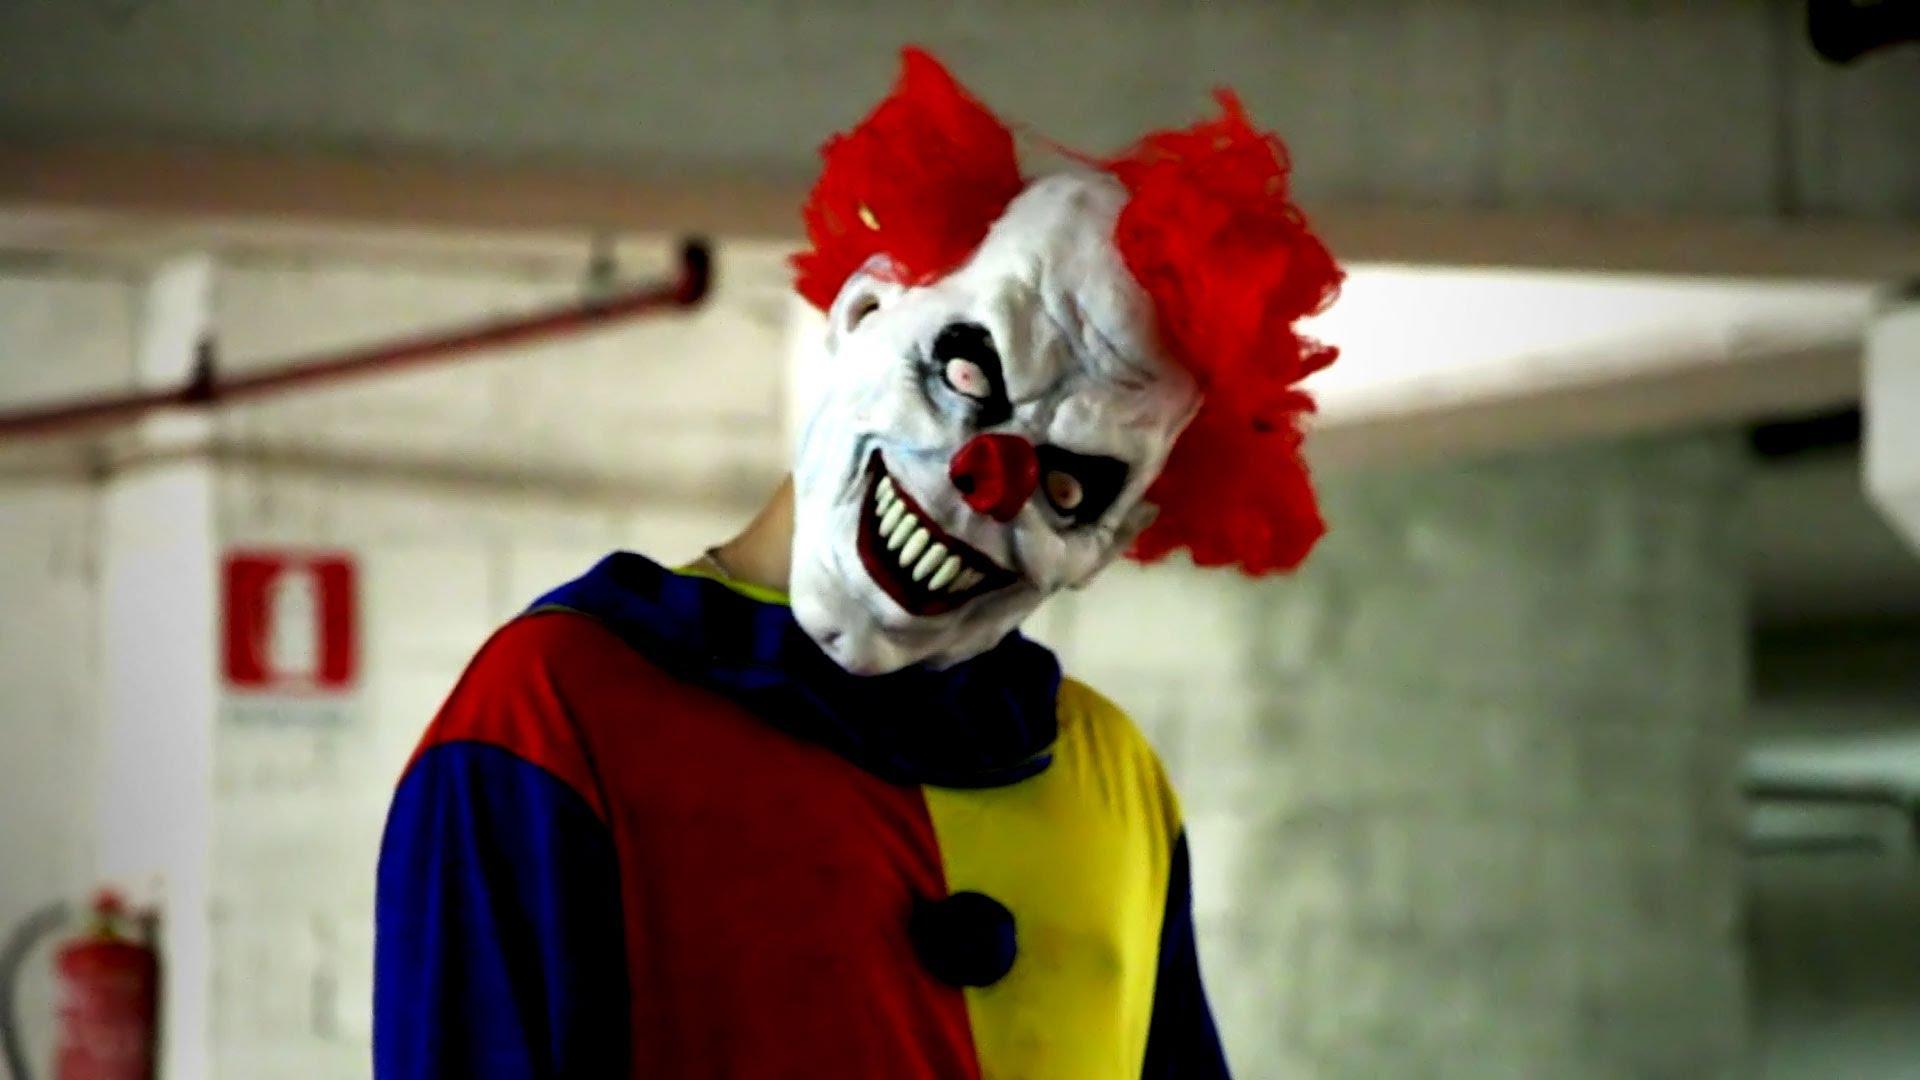 Les clowns maléfiques à l'origine d'une attaque en Suisse